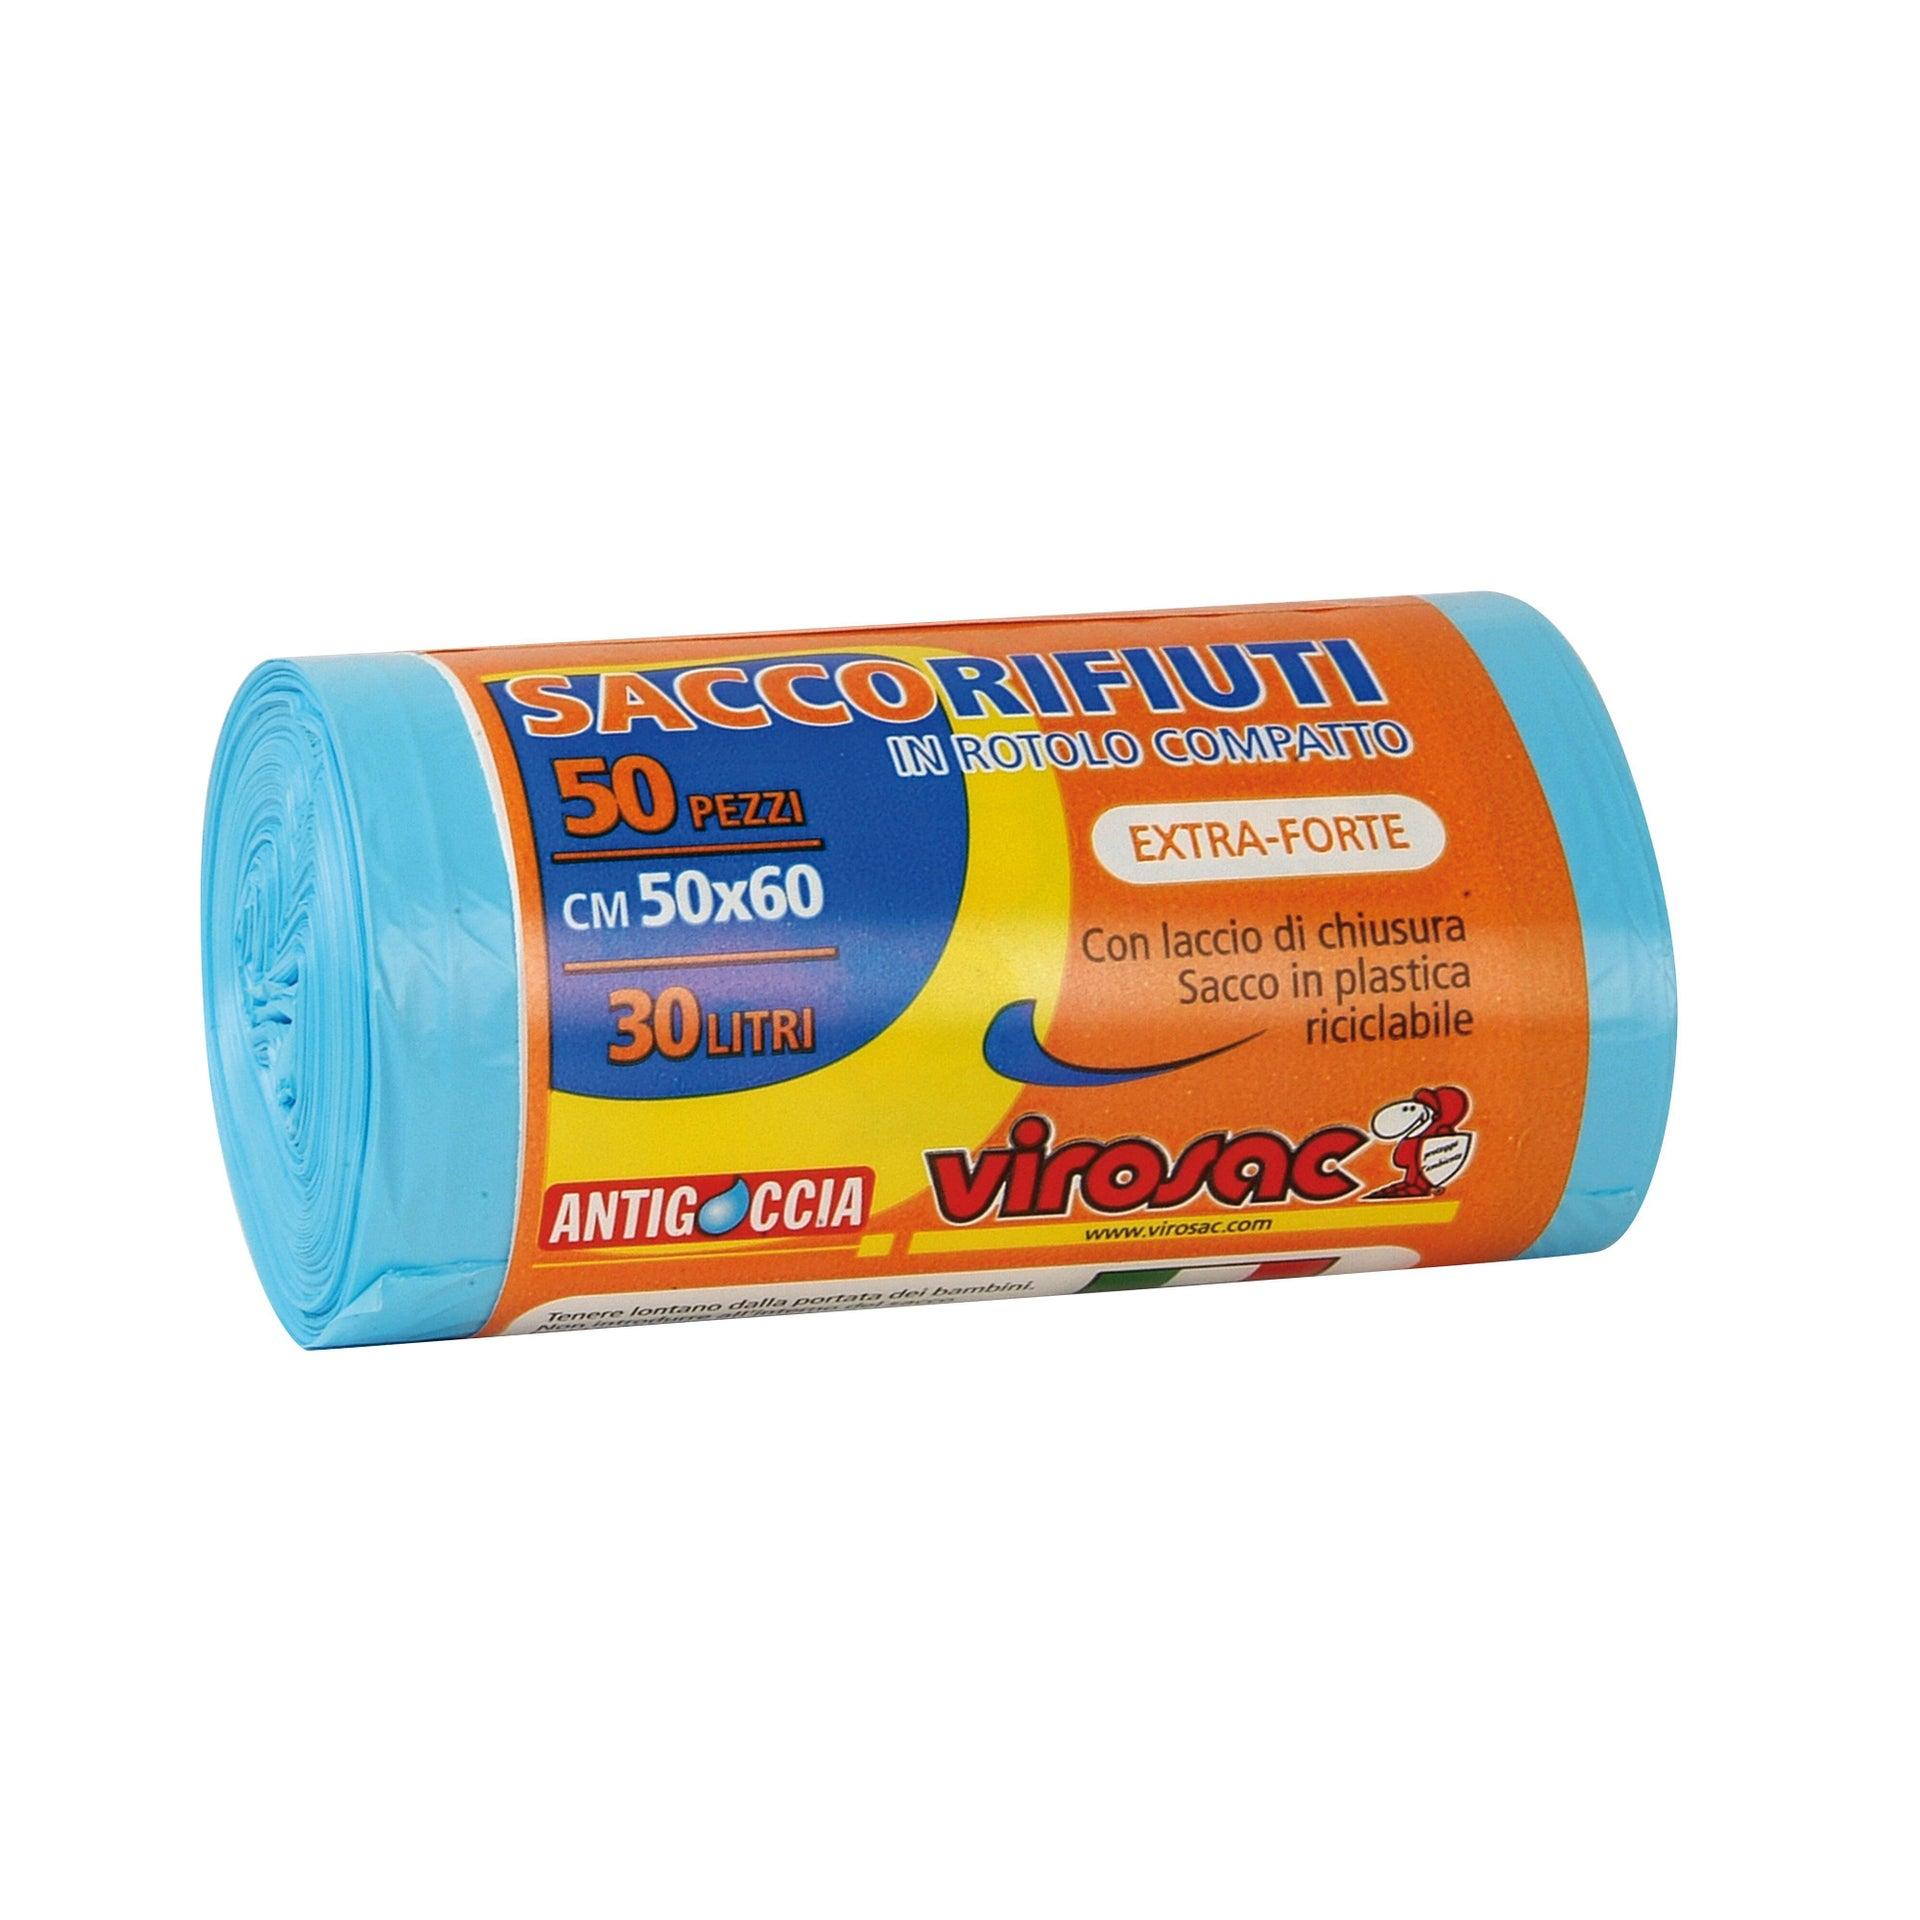 Sacchi spazzatura L 50 x H 60 cm 30 L azzurro 50 pezzi